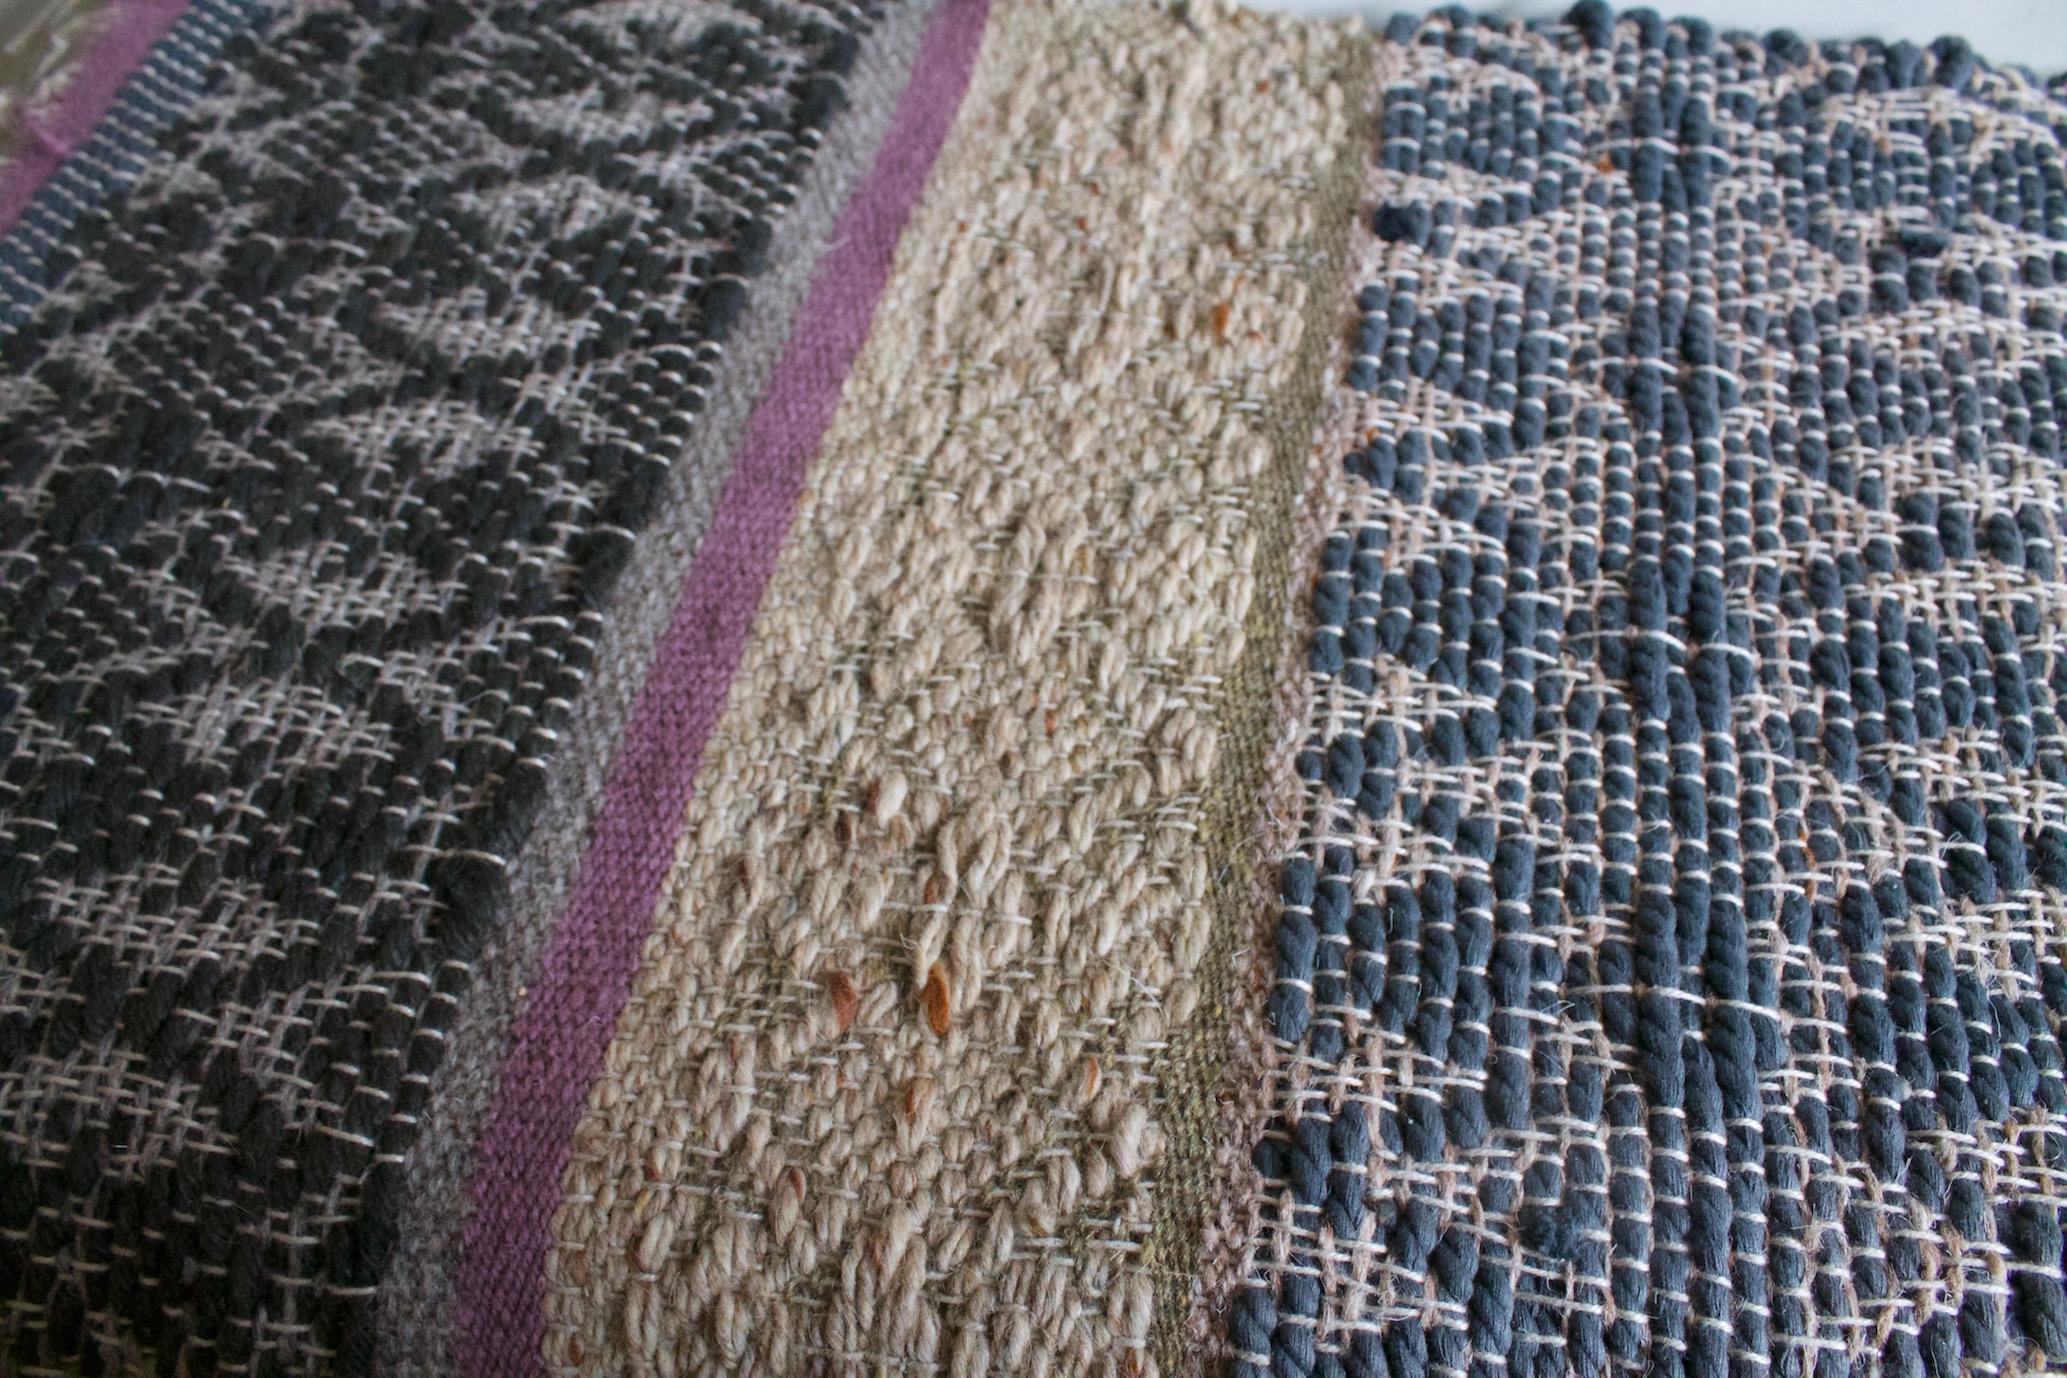 Nyssamtextiles Rug sample twill designs